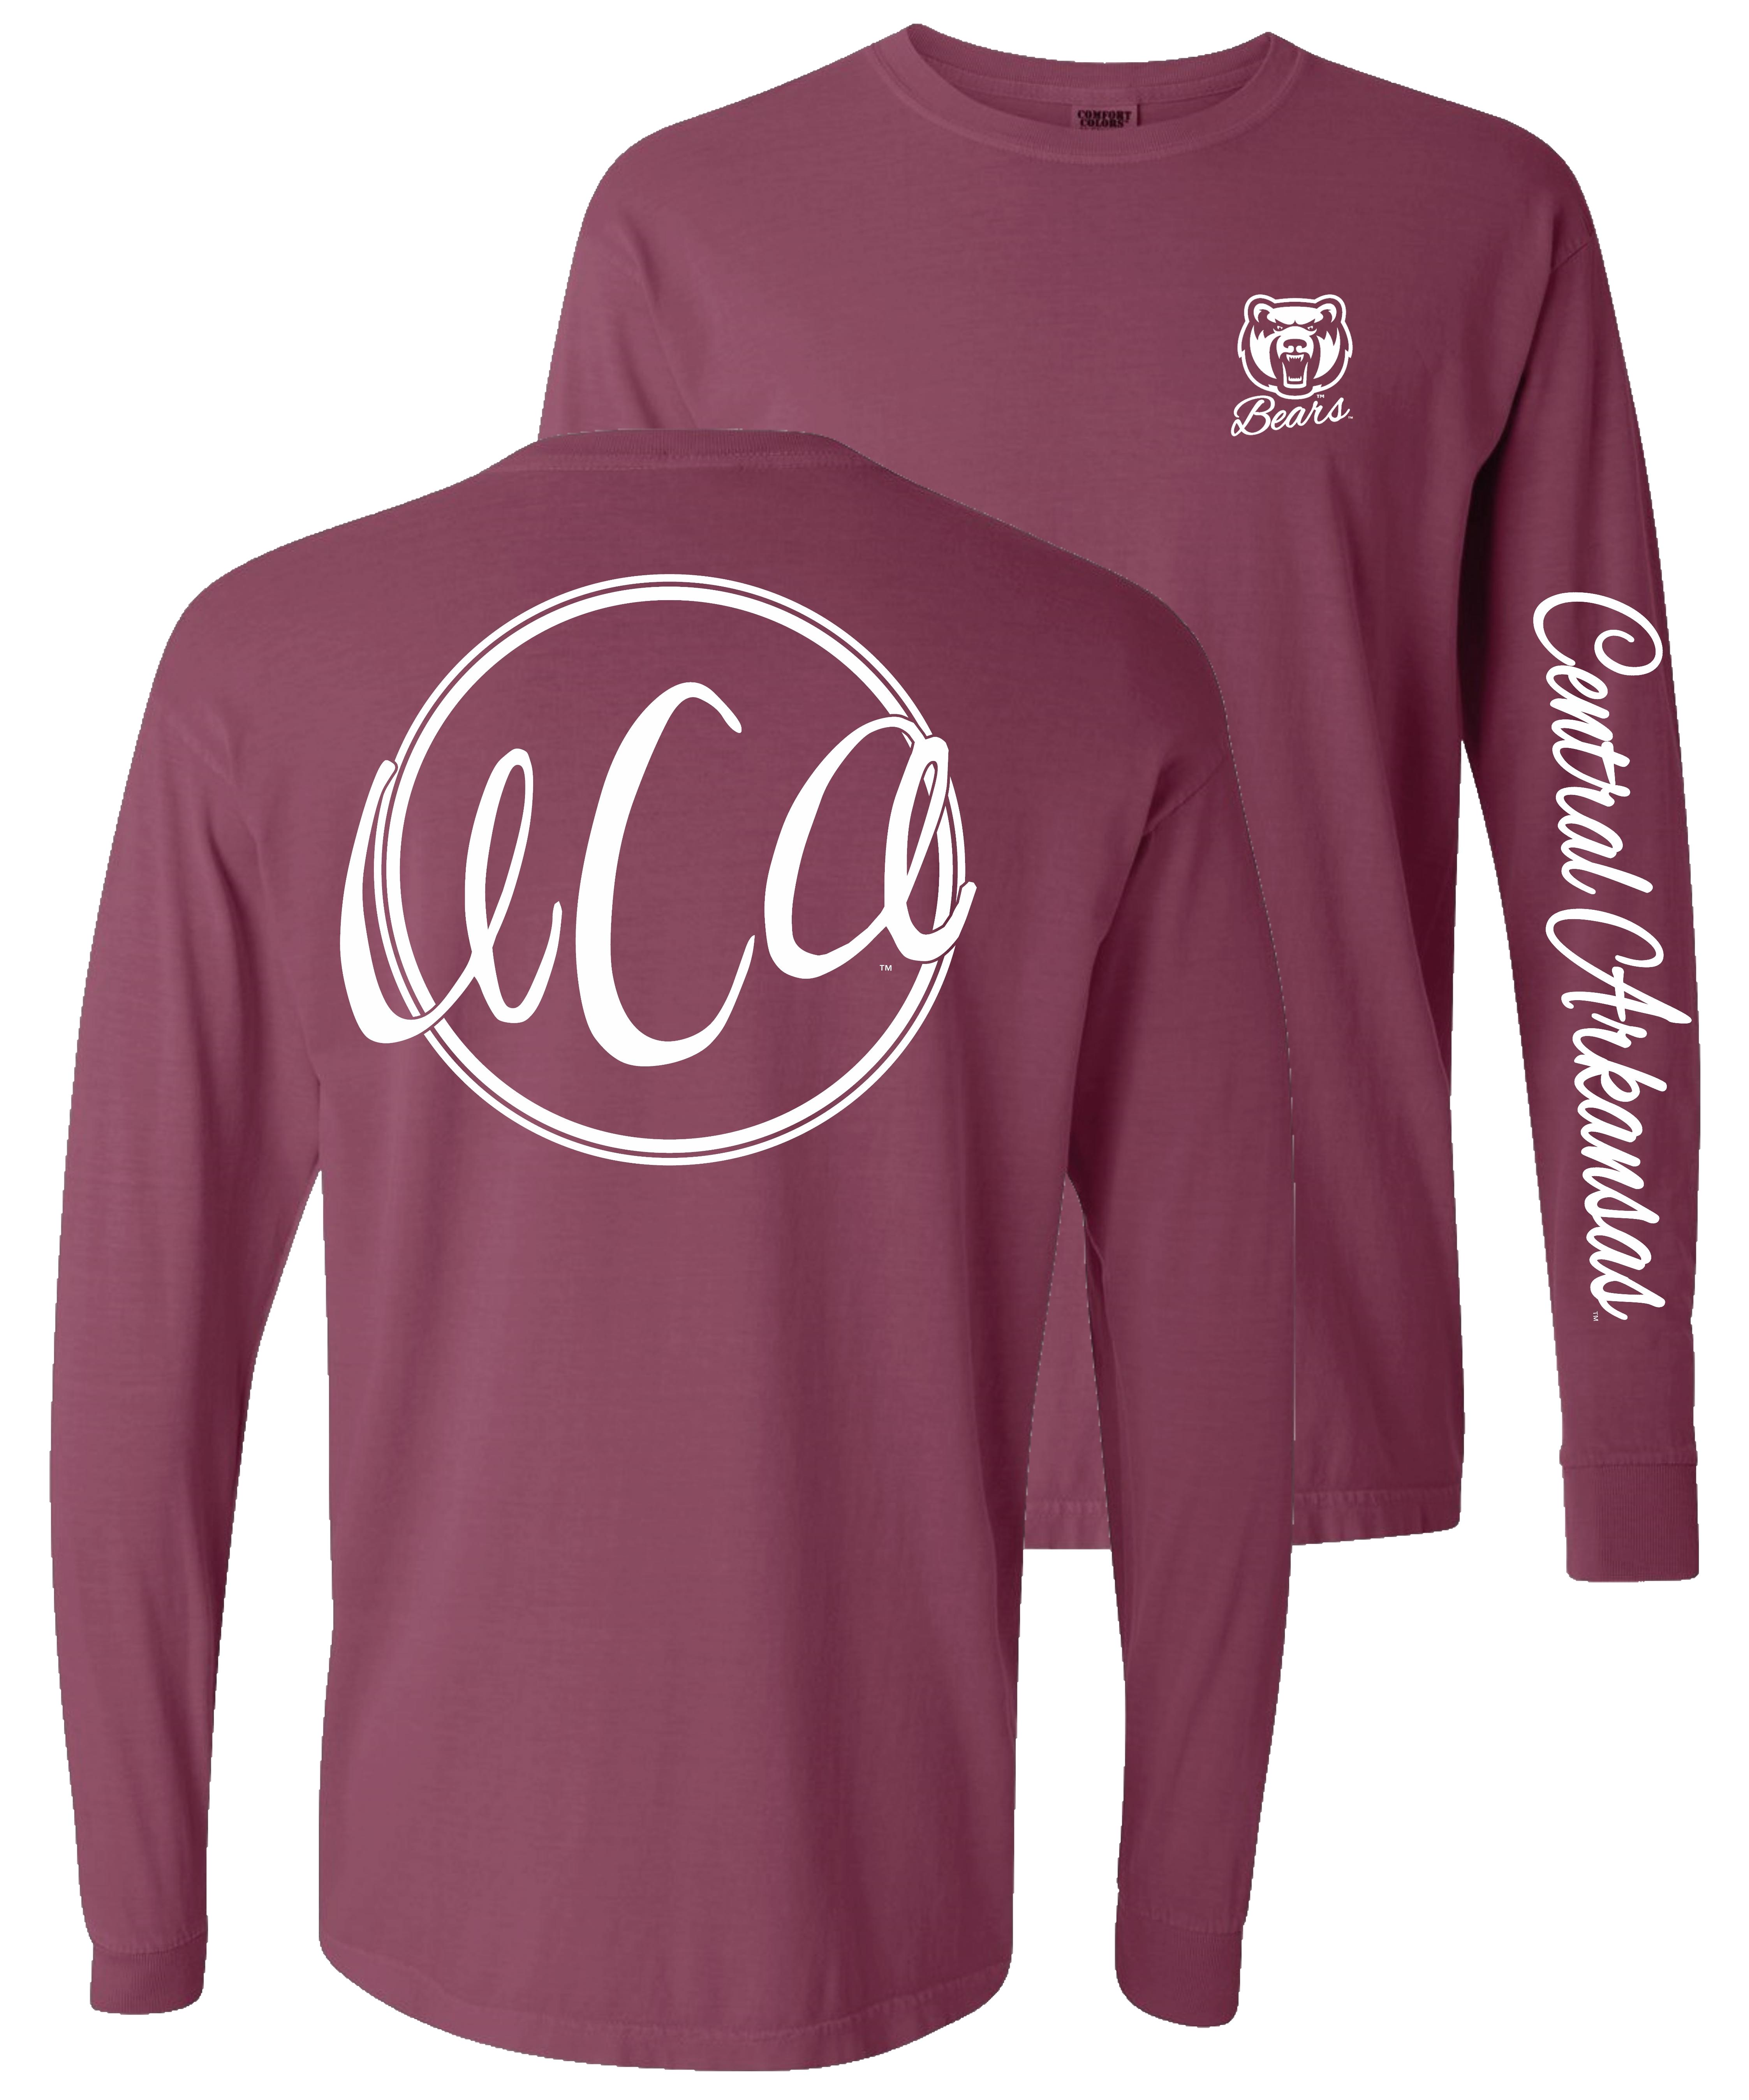 Cursive UCA LS Comfort Color